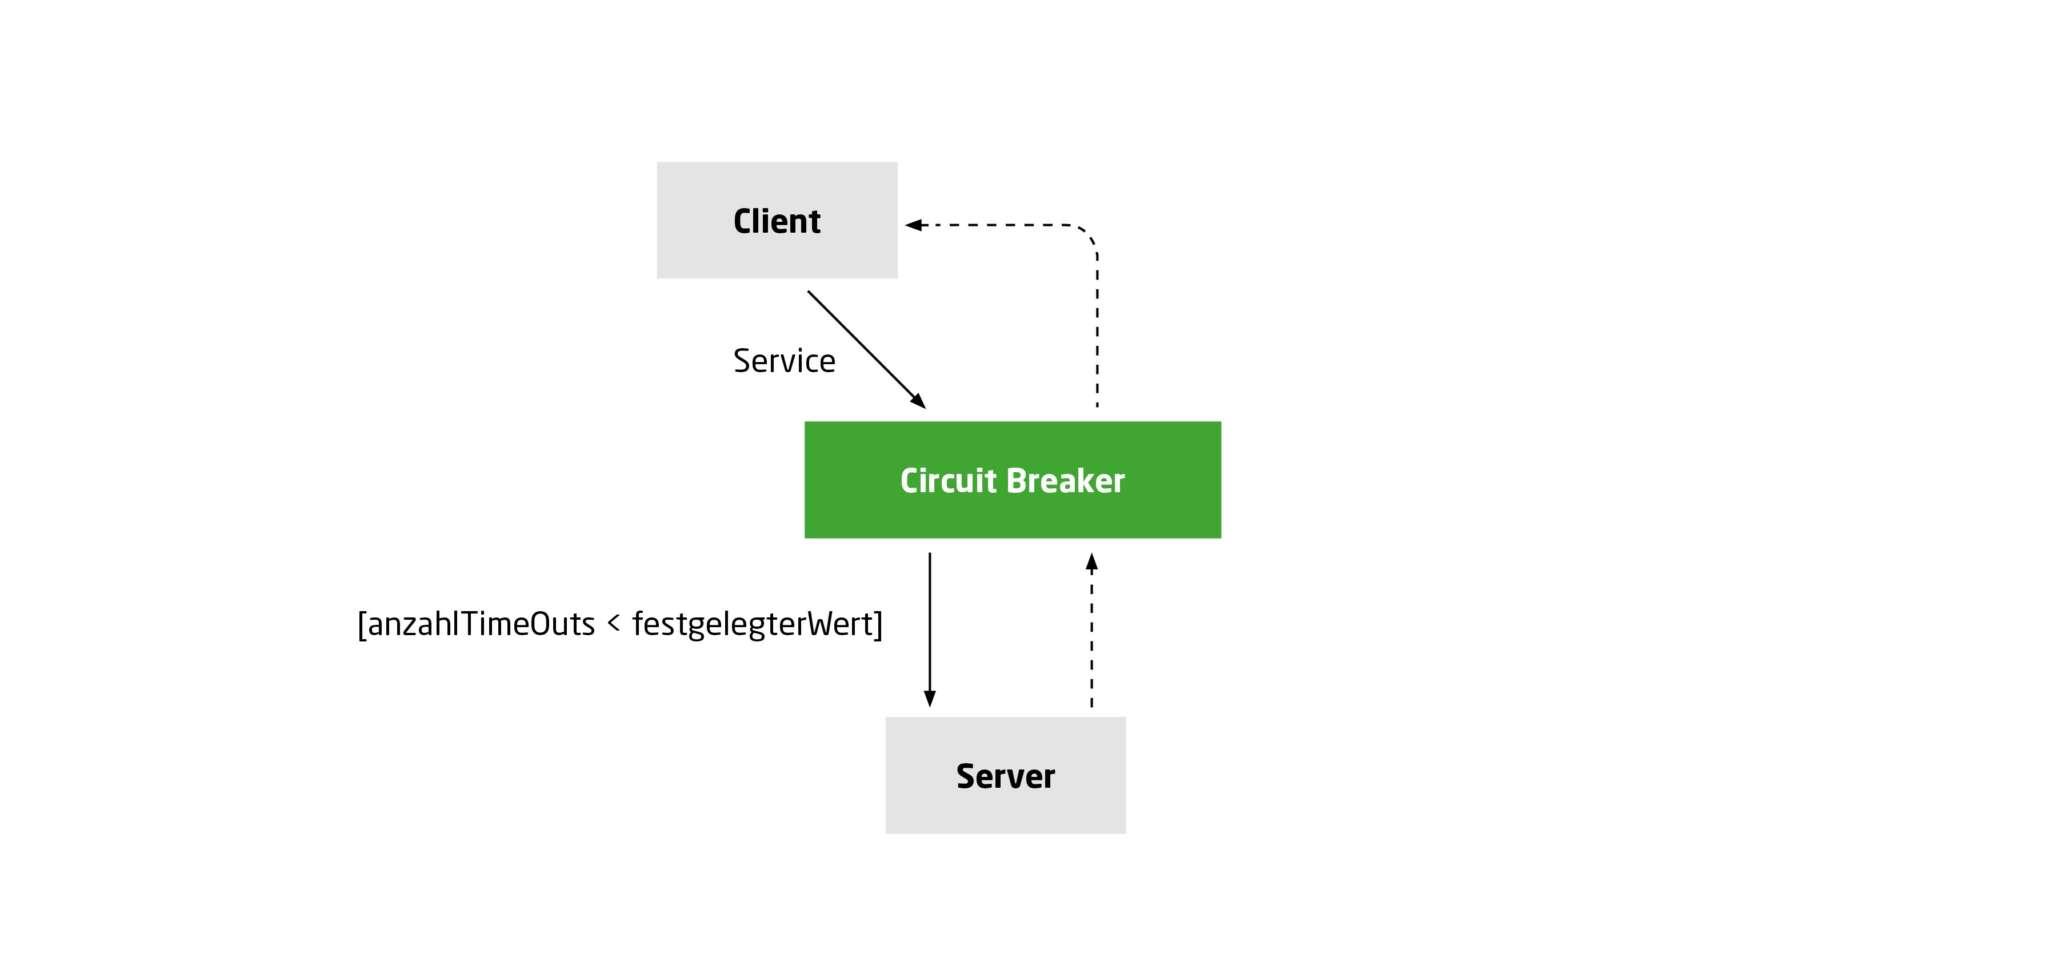 Kommunikation zwischen Client und Server wiederhergestellt